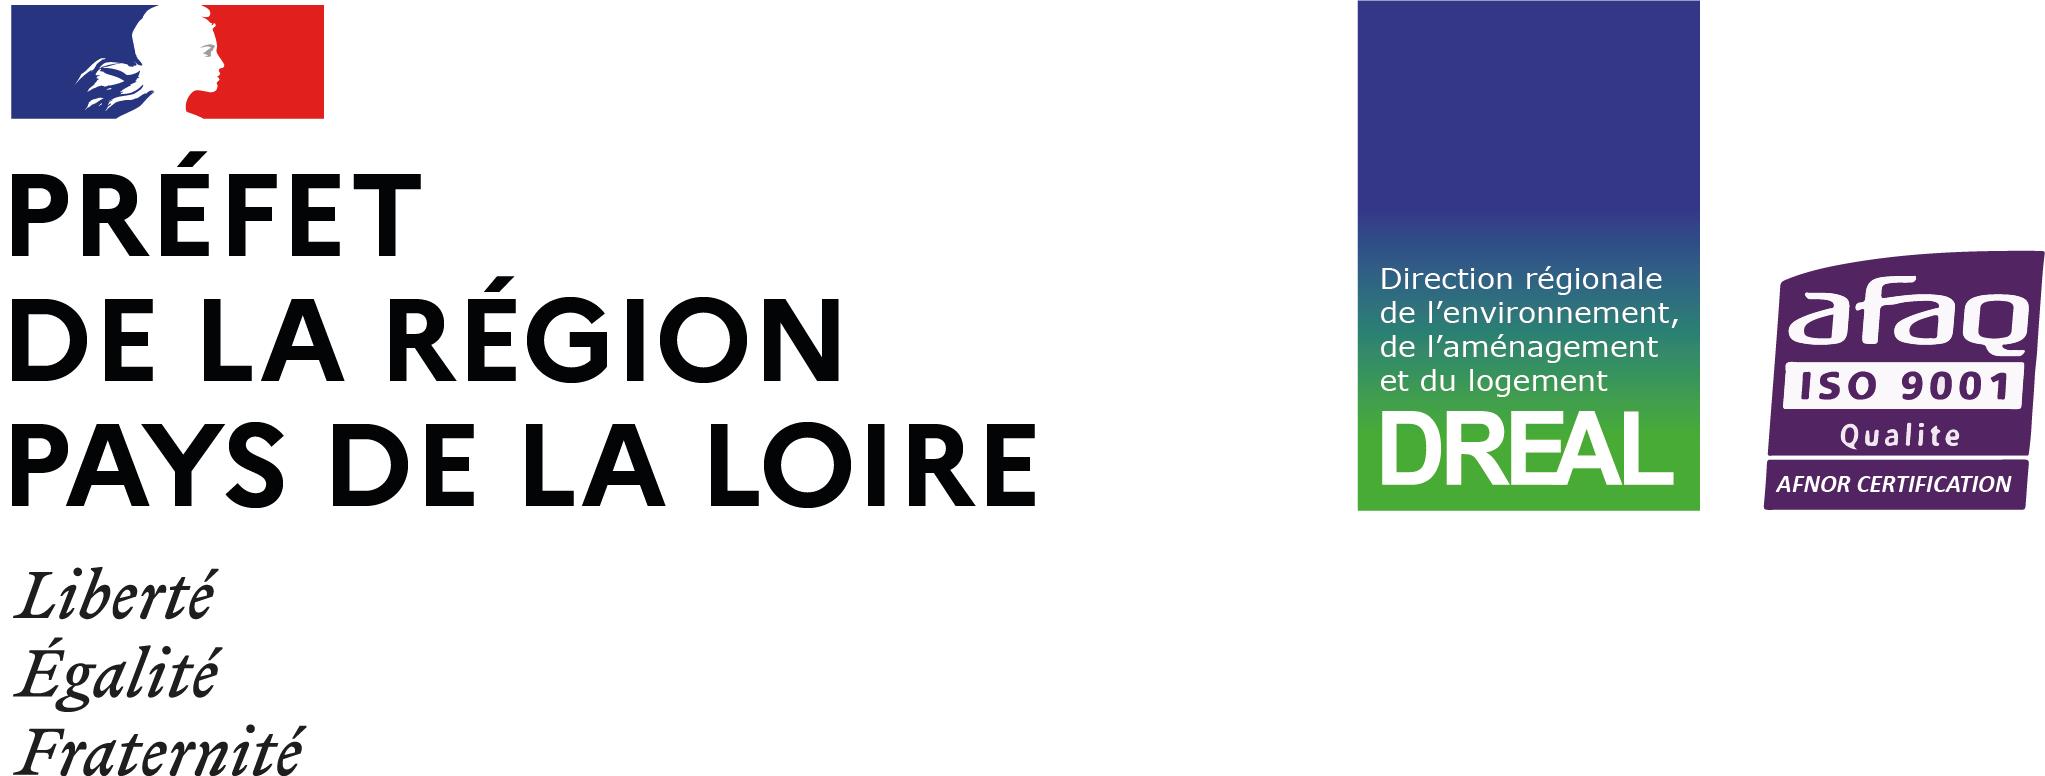 Logo de Direction régionale de l'environnement, de l'aménagement et du logement des Pays de la Loire